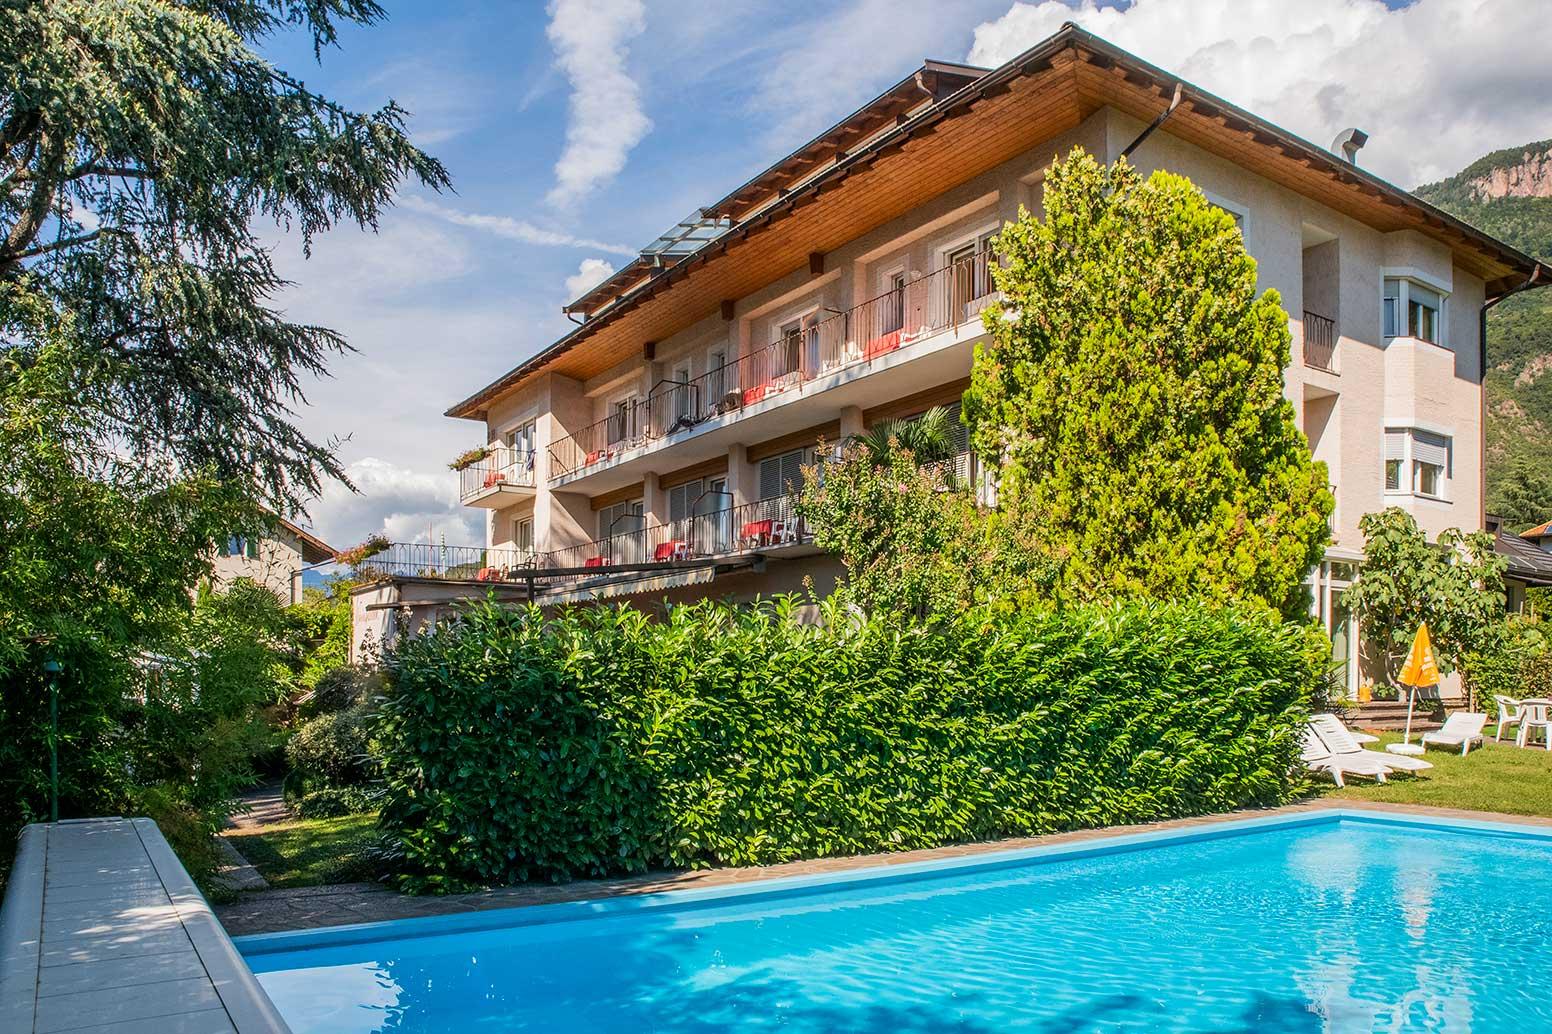 hotel-Weingarten-schwimmbad-blumen-garten